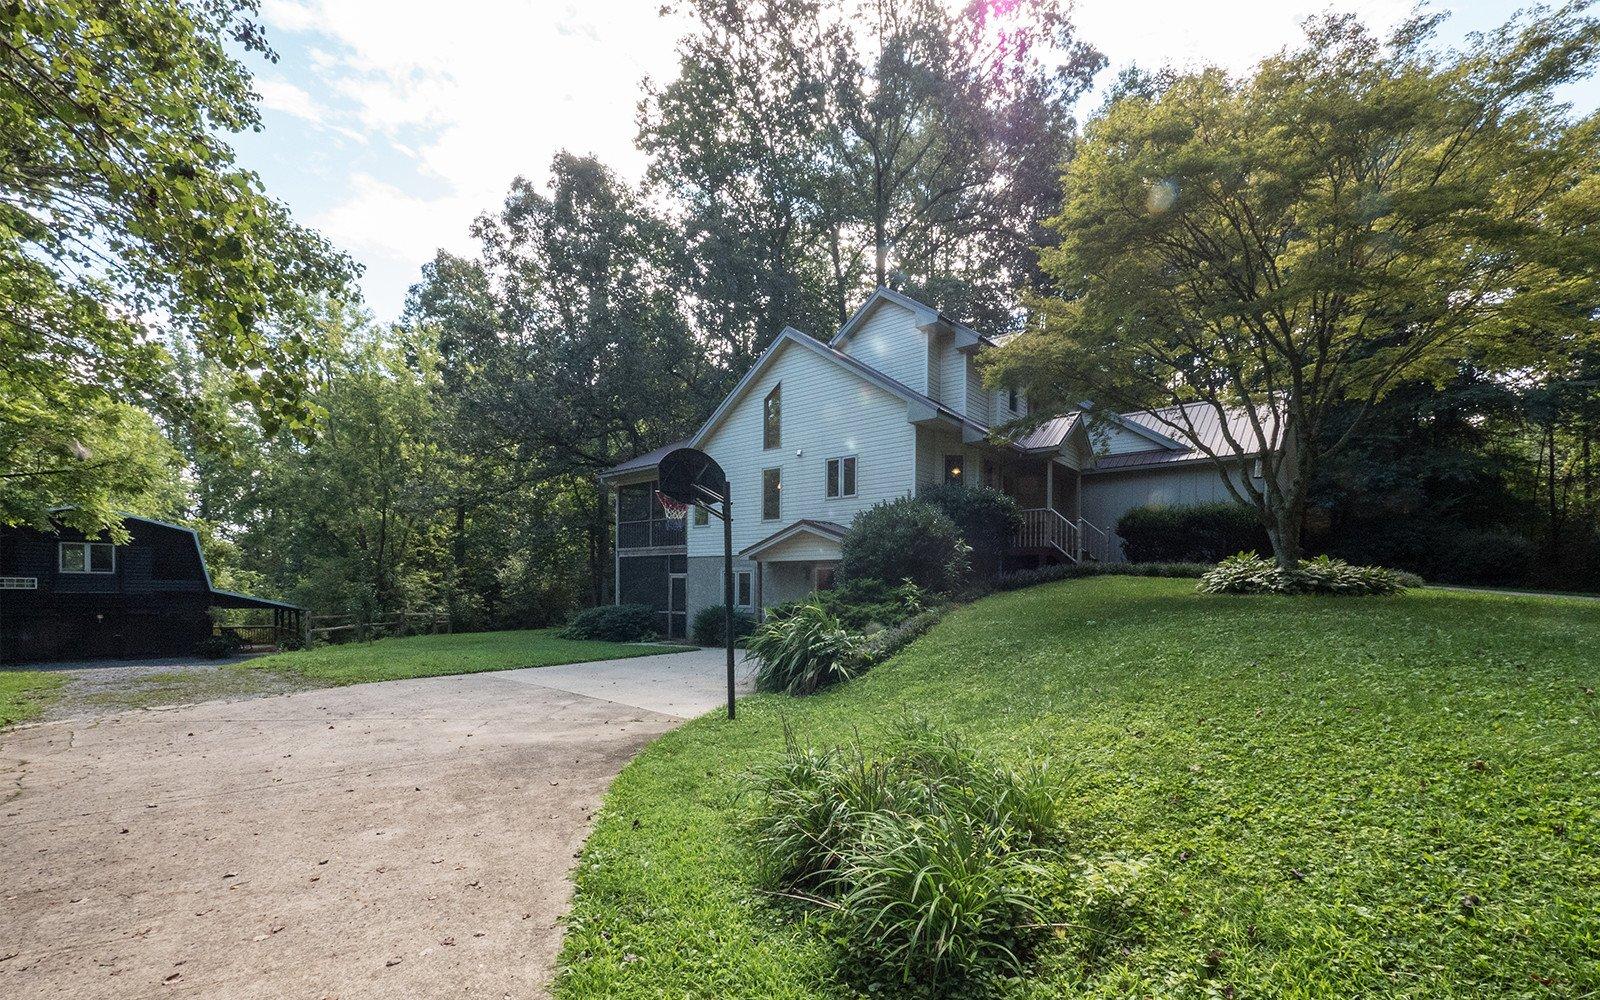 Hilt-Street-house-and-Barn-Apartment